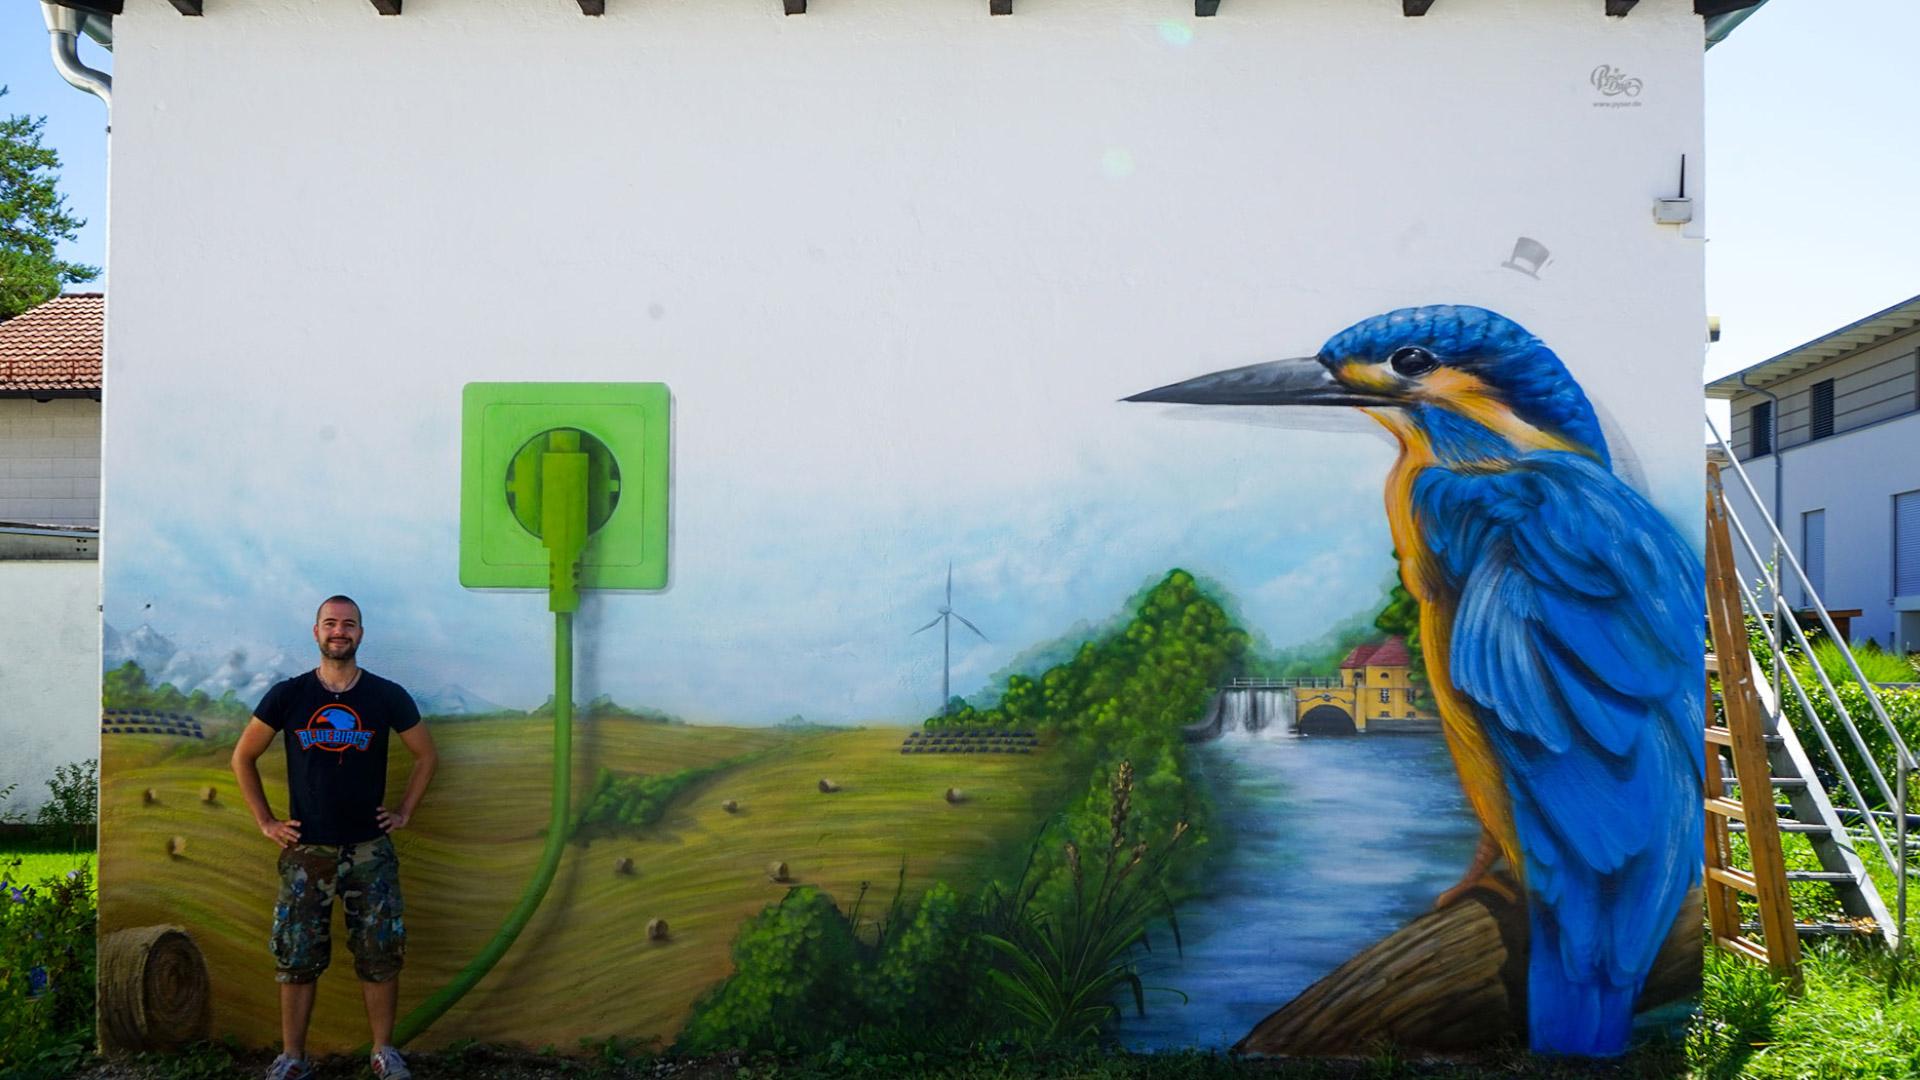 Graffiti Künstler Pyser vor seinem Kunstwerk für den Energieversorger Rothmoser zum Thema Nachhaltigkeit